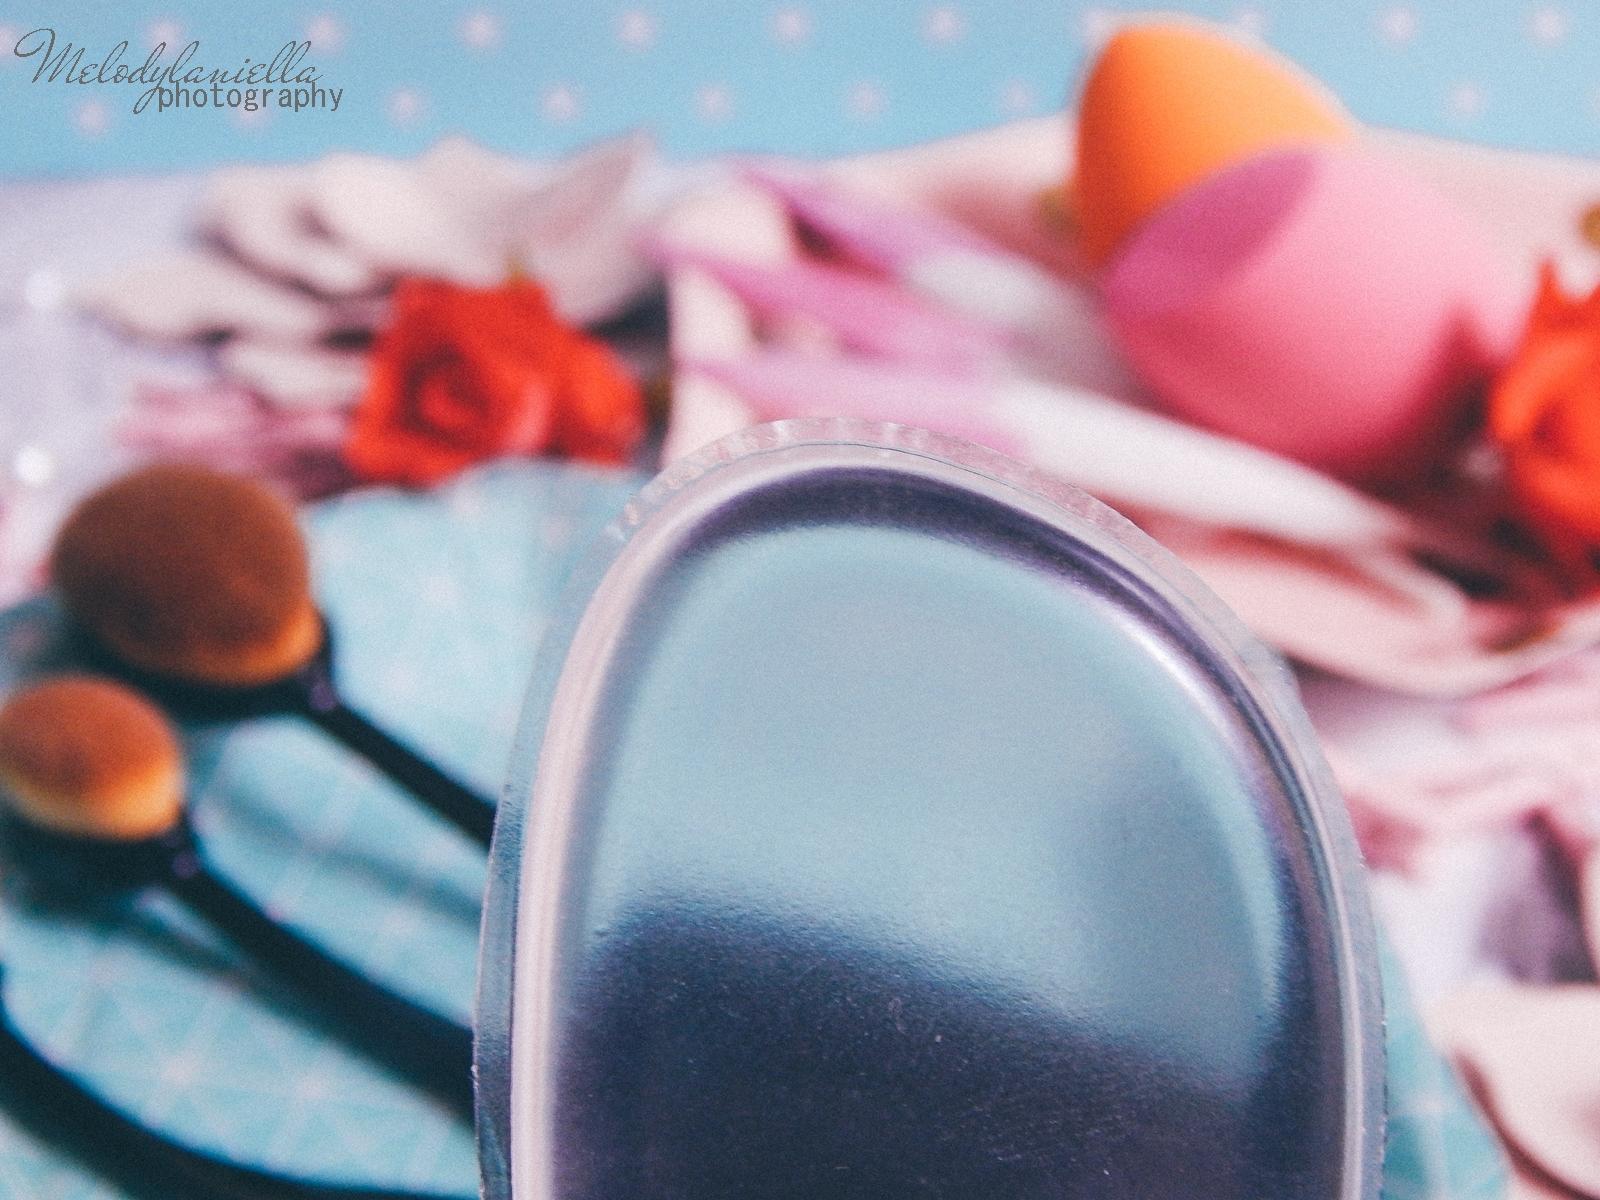 6 clavier gąbka do makijażu blending sponge szczoteczka do aplikacji cieni bazy korektora rozświetlacza bronzera silikonowa gąbeczka do makijażu czym się malować akcesoria kosmetyczne pędzle do makijażu gąbki